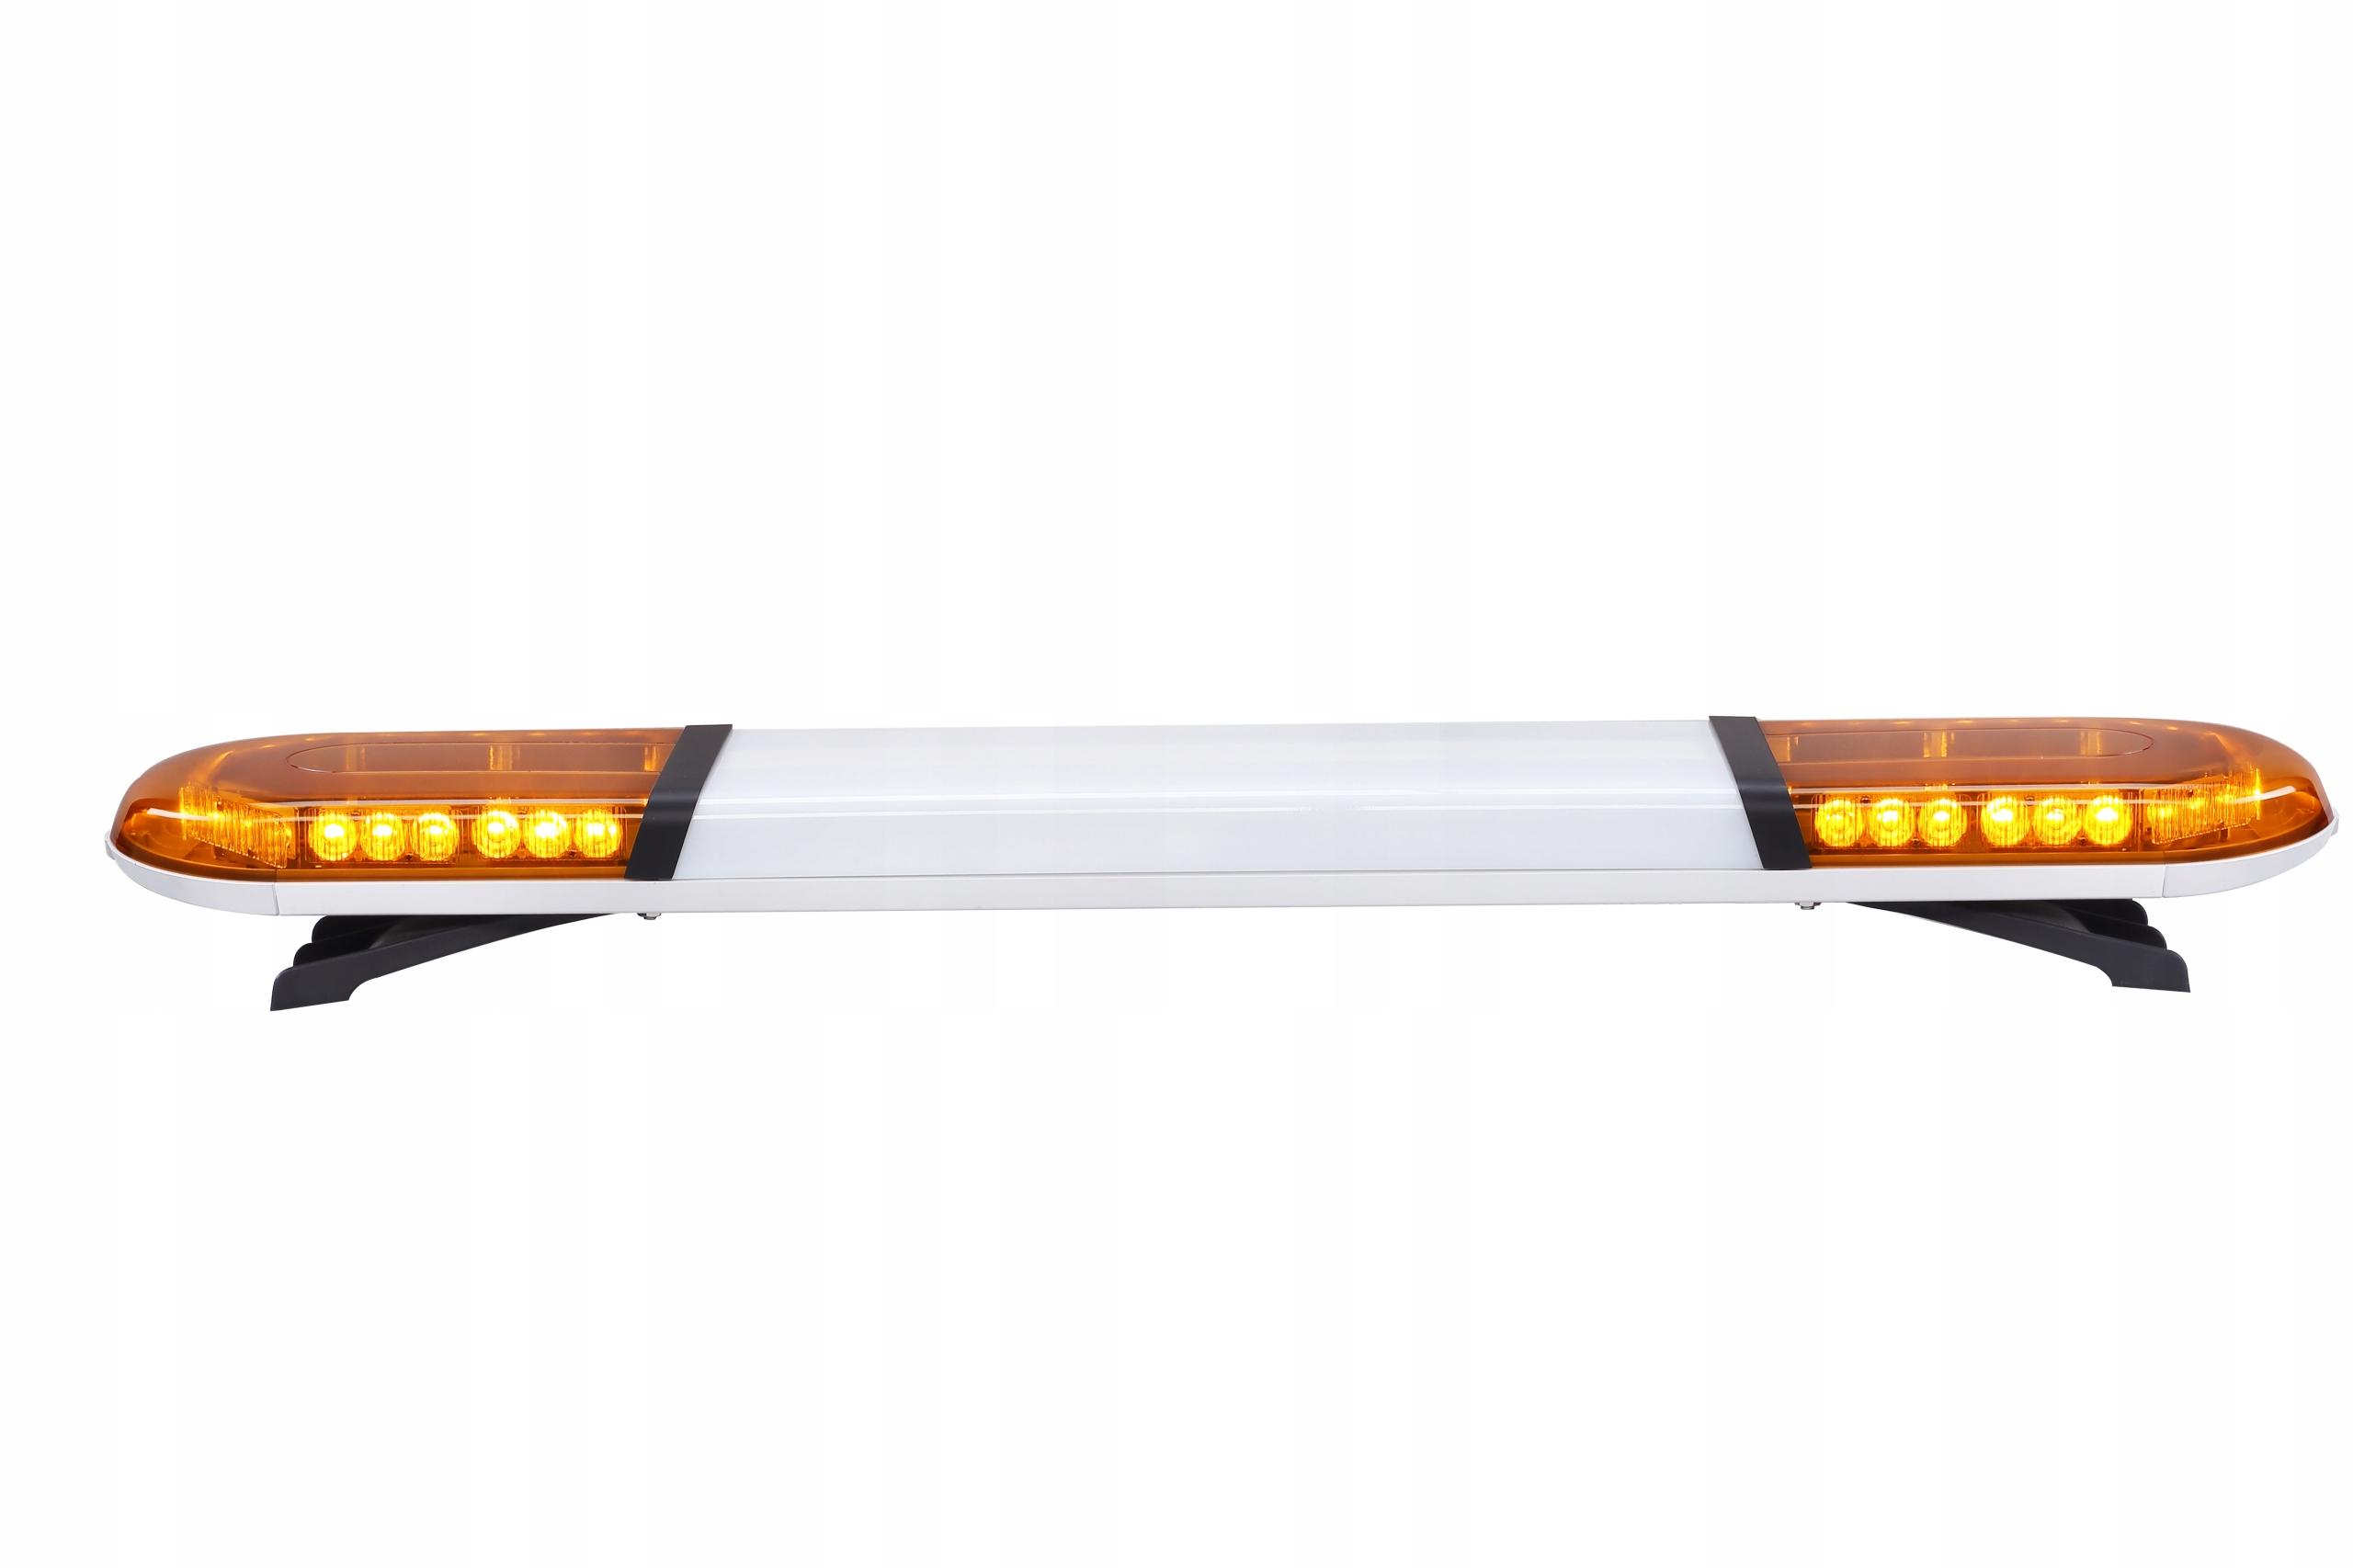 Балка лампа 911 SIGNAL 42 12V петух изображение 8